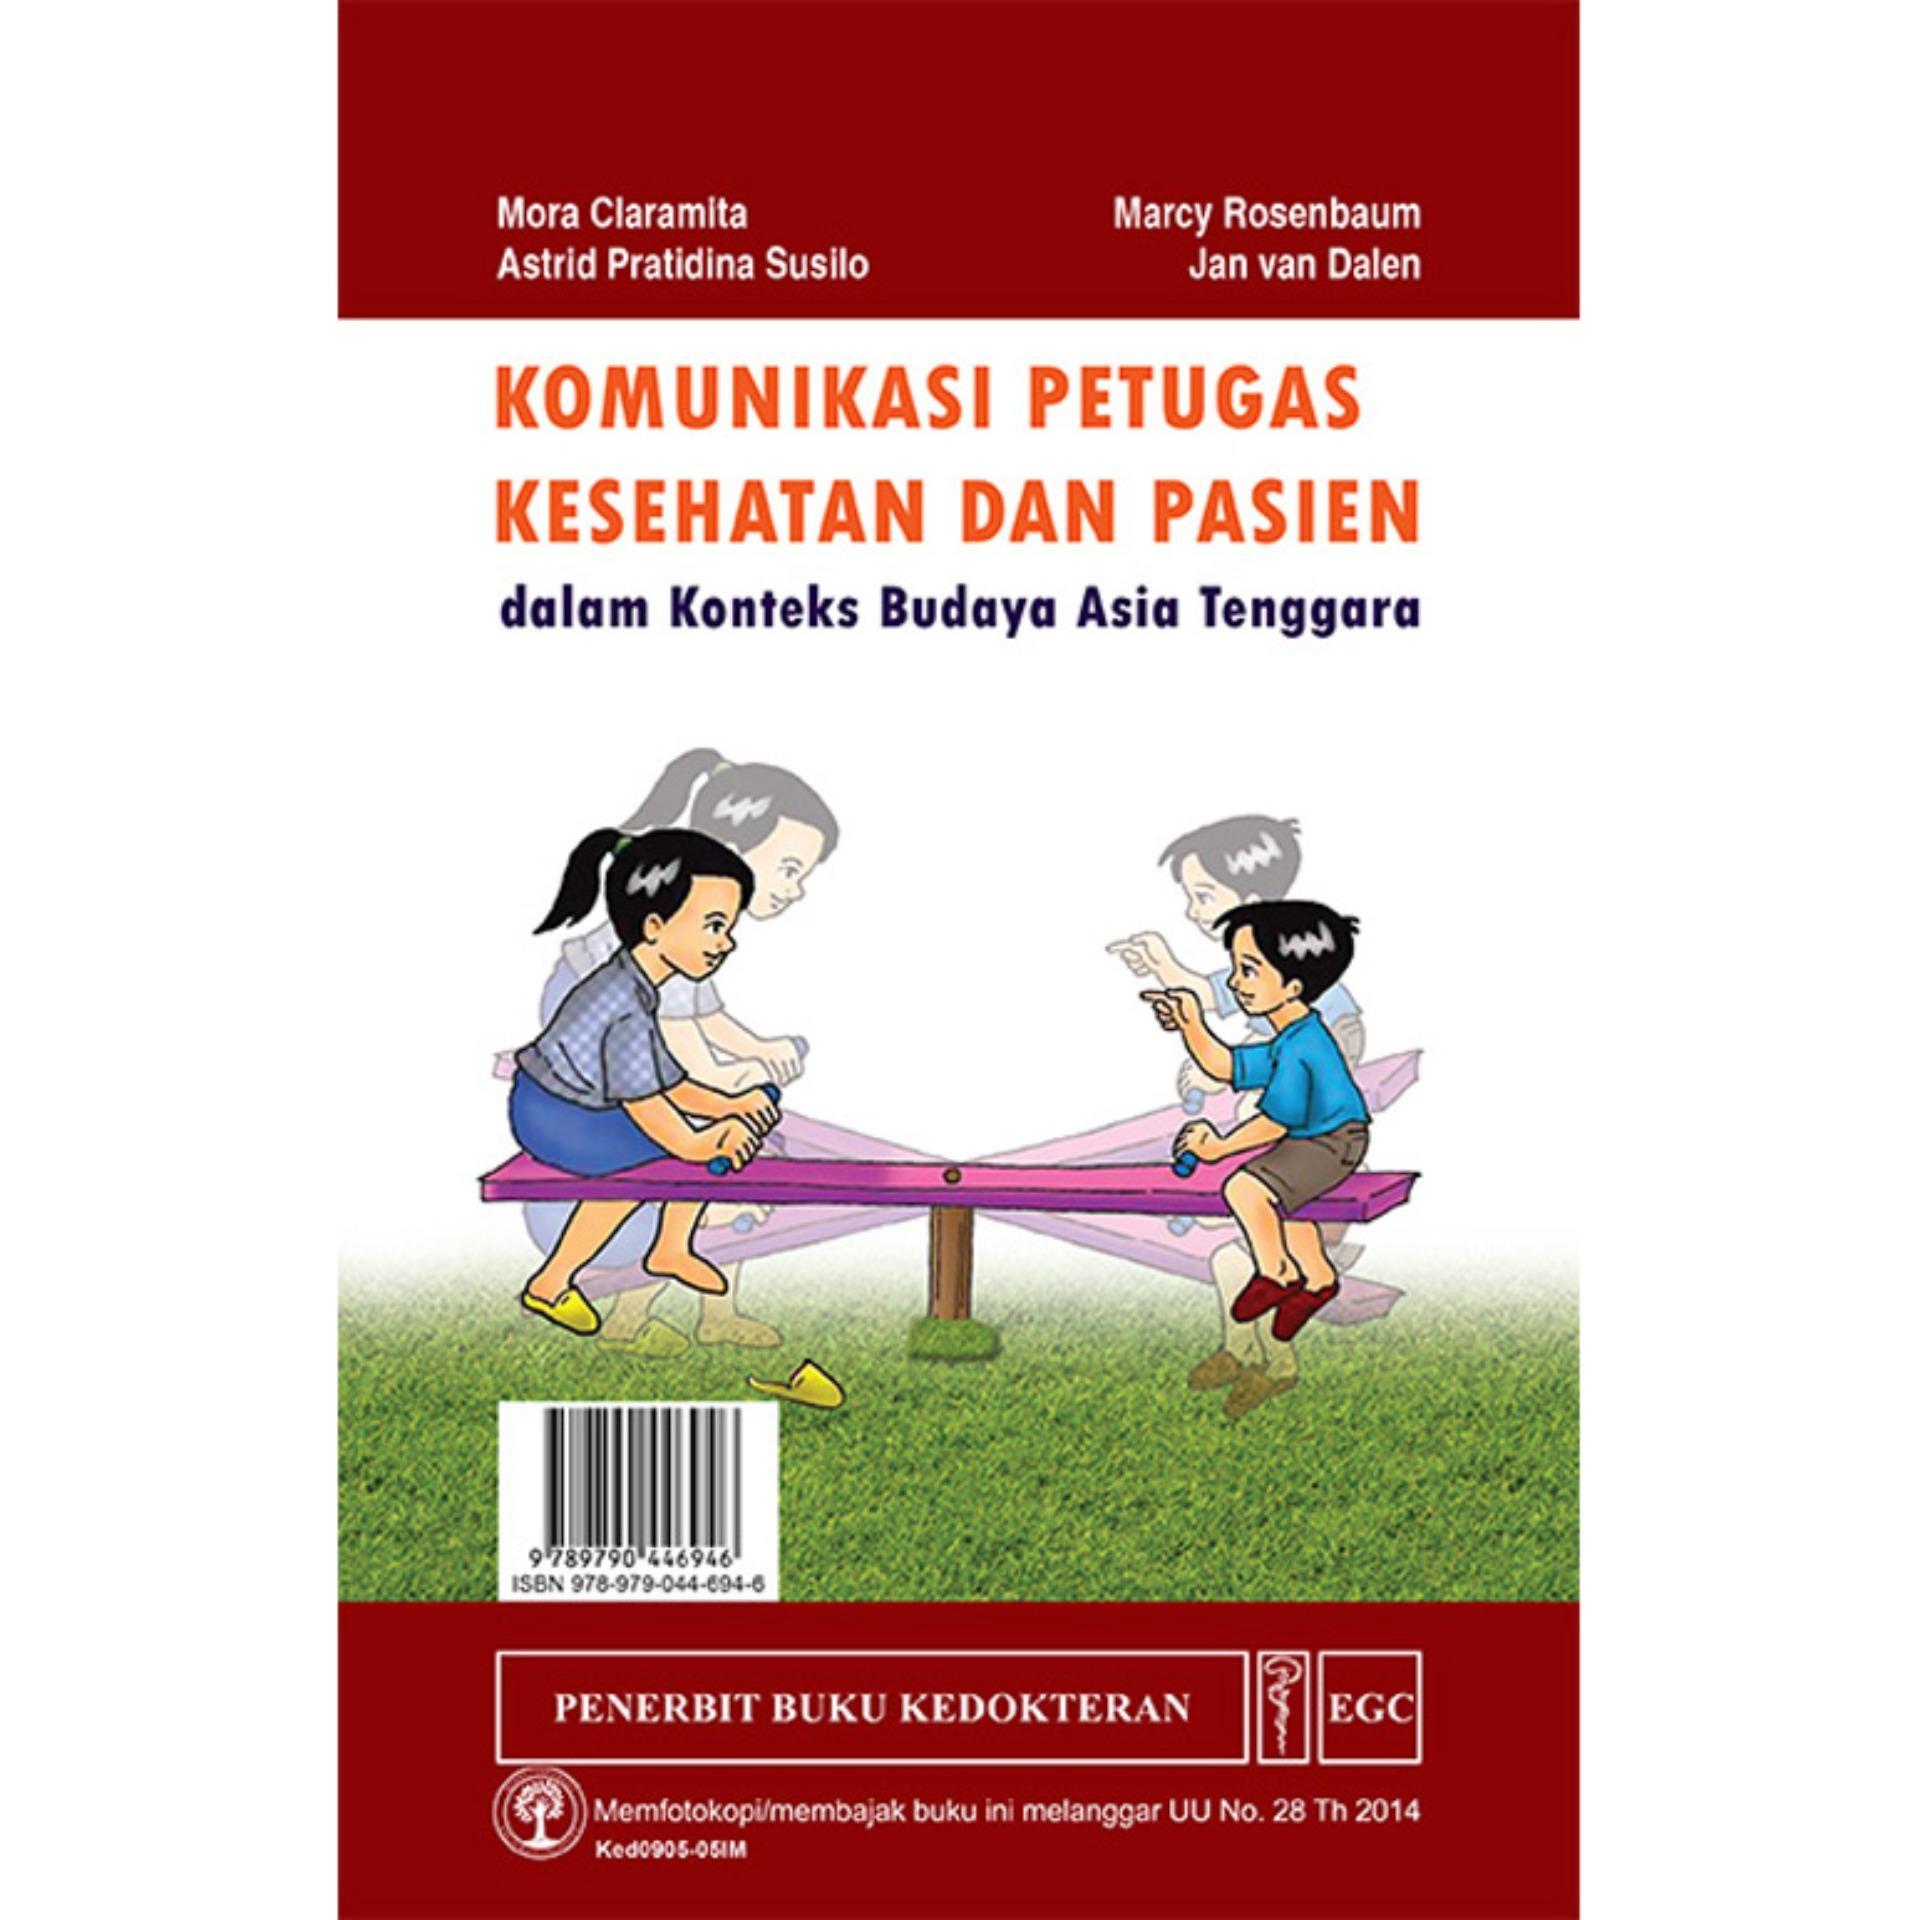 Komunikasi Petugas Kesehatan dan Pasien dalam Konteks Budaya Asia Tenggara